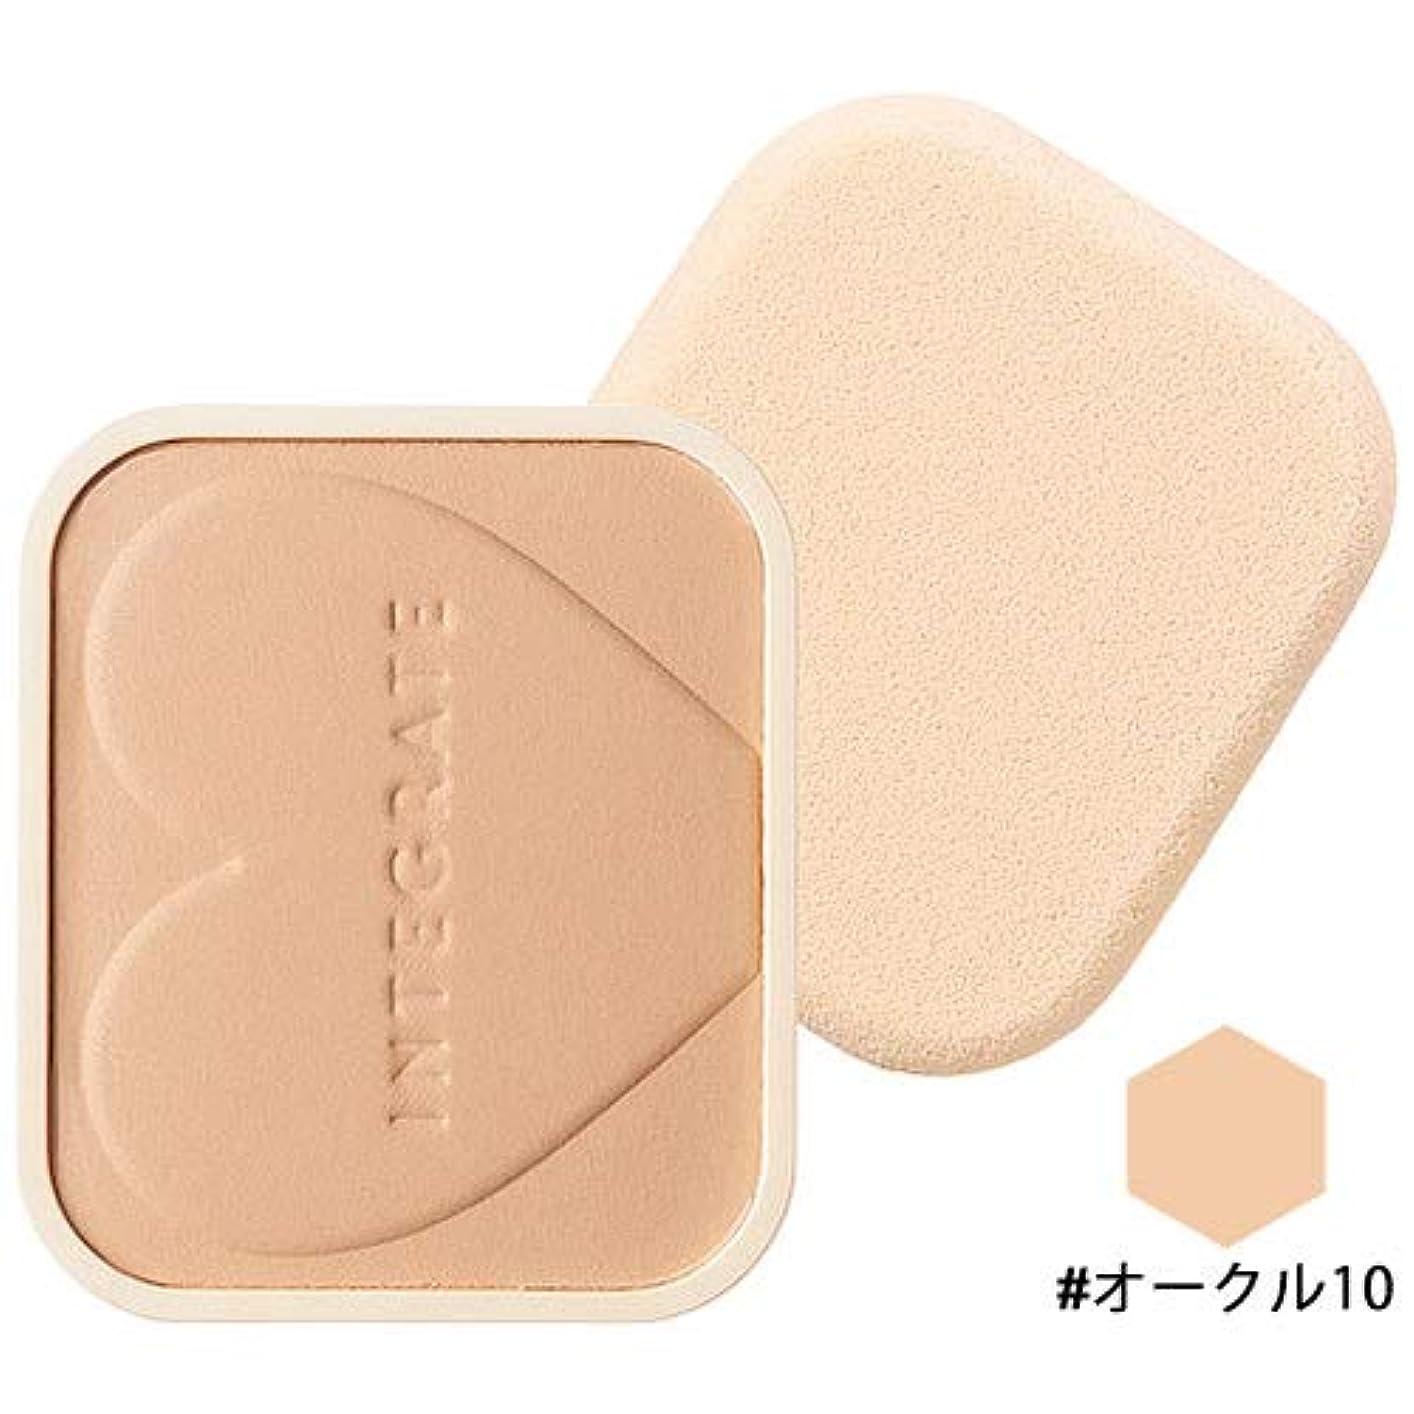 ショートサンプル飢資生堂 SHISEIDO インテグレート プロフィニッシュファンデーション(レフィル) #オークル10 [並行輸入品]